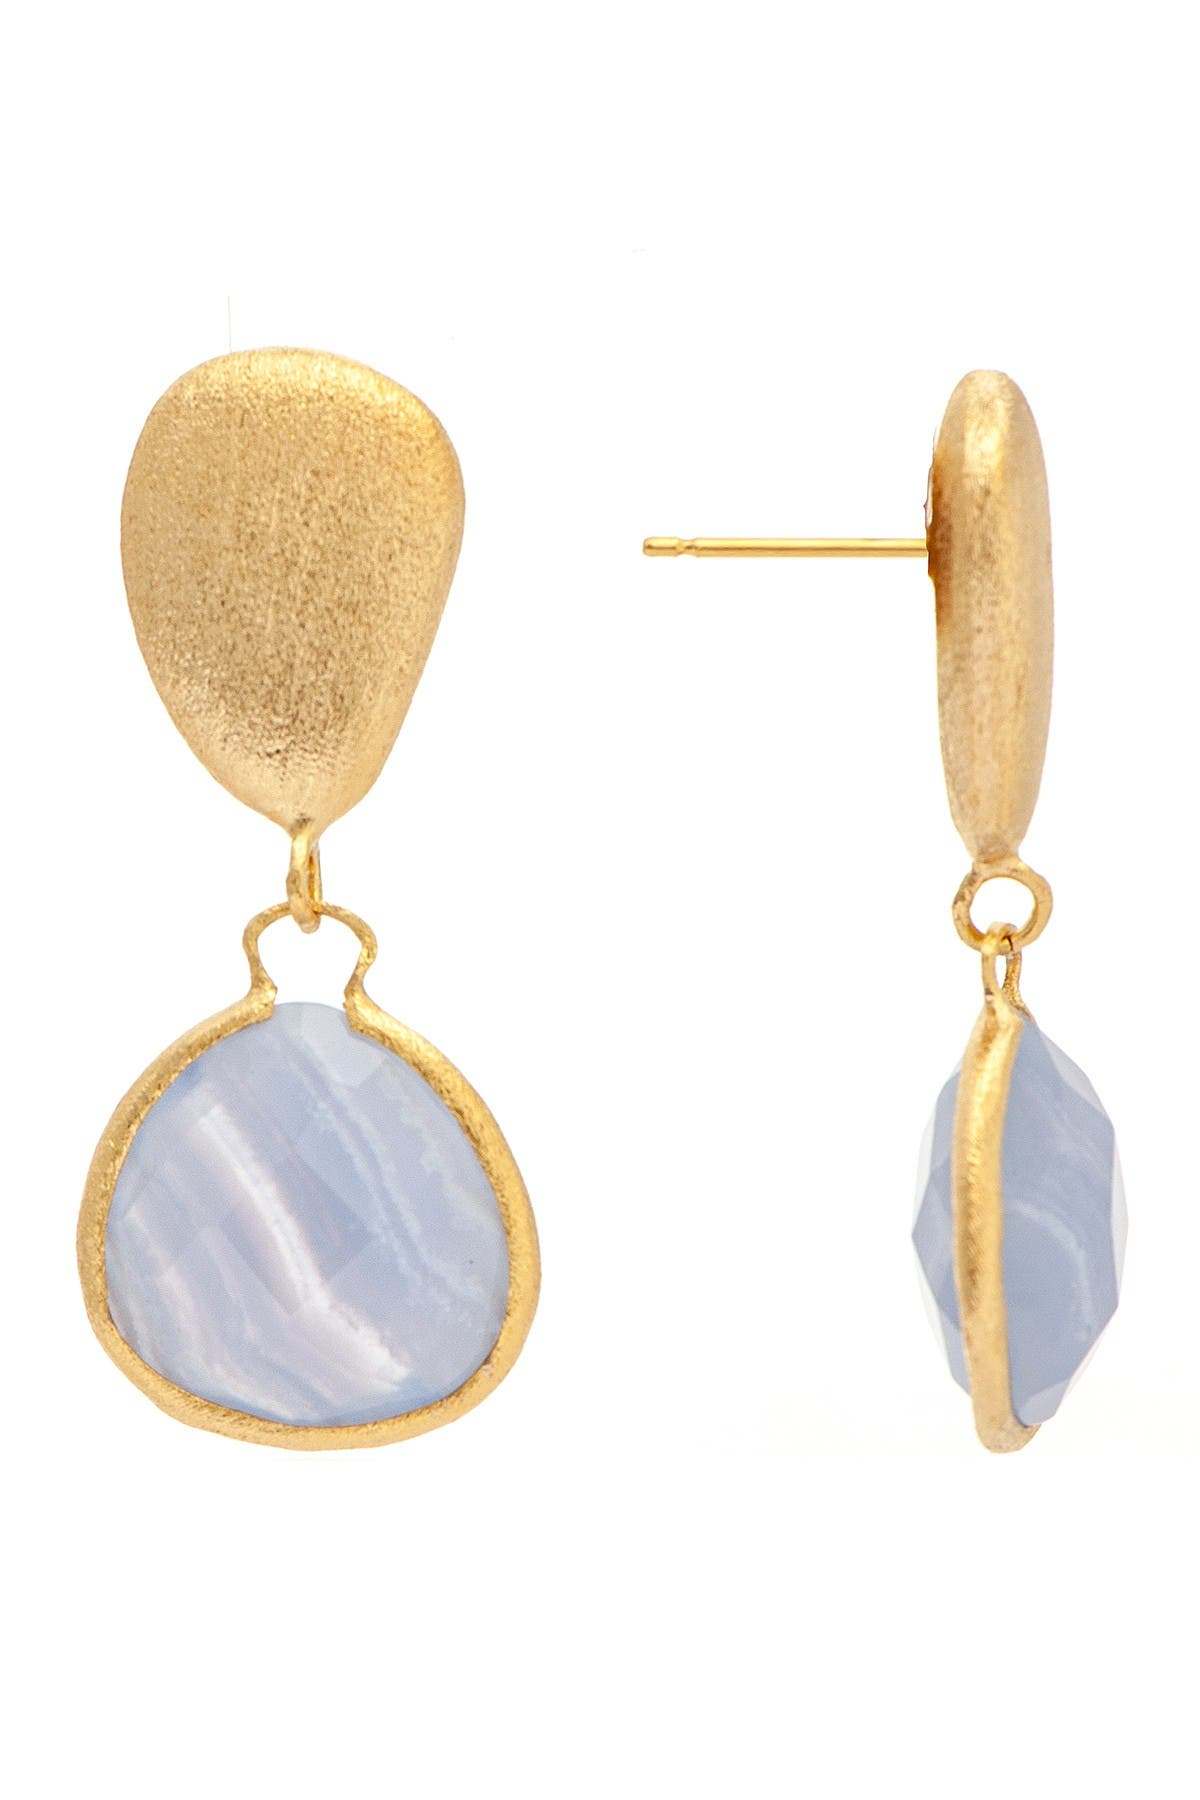 Image of Rivka Friedman 18K Gold Clad Blue Onyx Drop Earrings